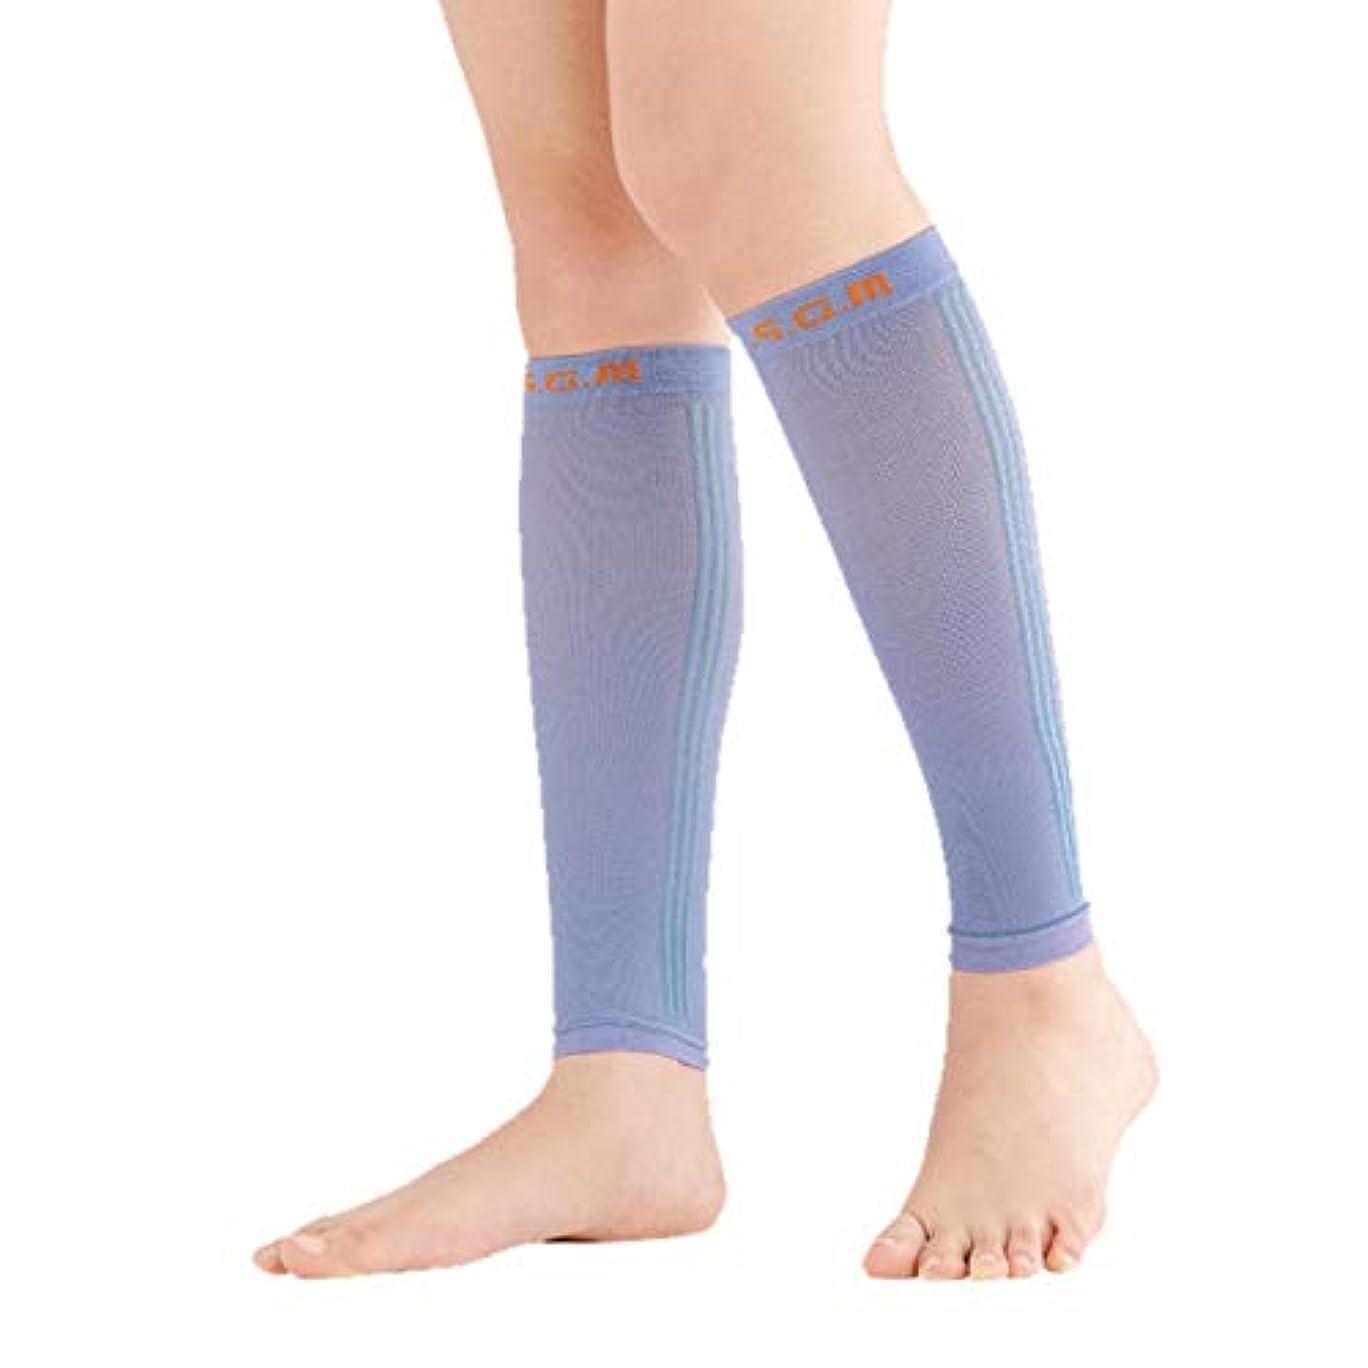 腫瘍対人キャンパス着圧ソックス 着圧サポーター 足のむくみ ふくらはぎ むくみ防止 立ち仕事モミモミ